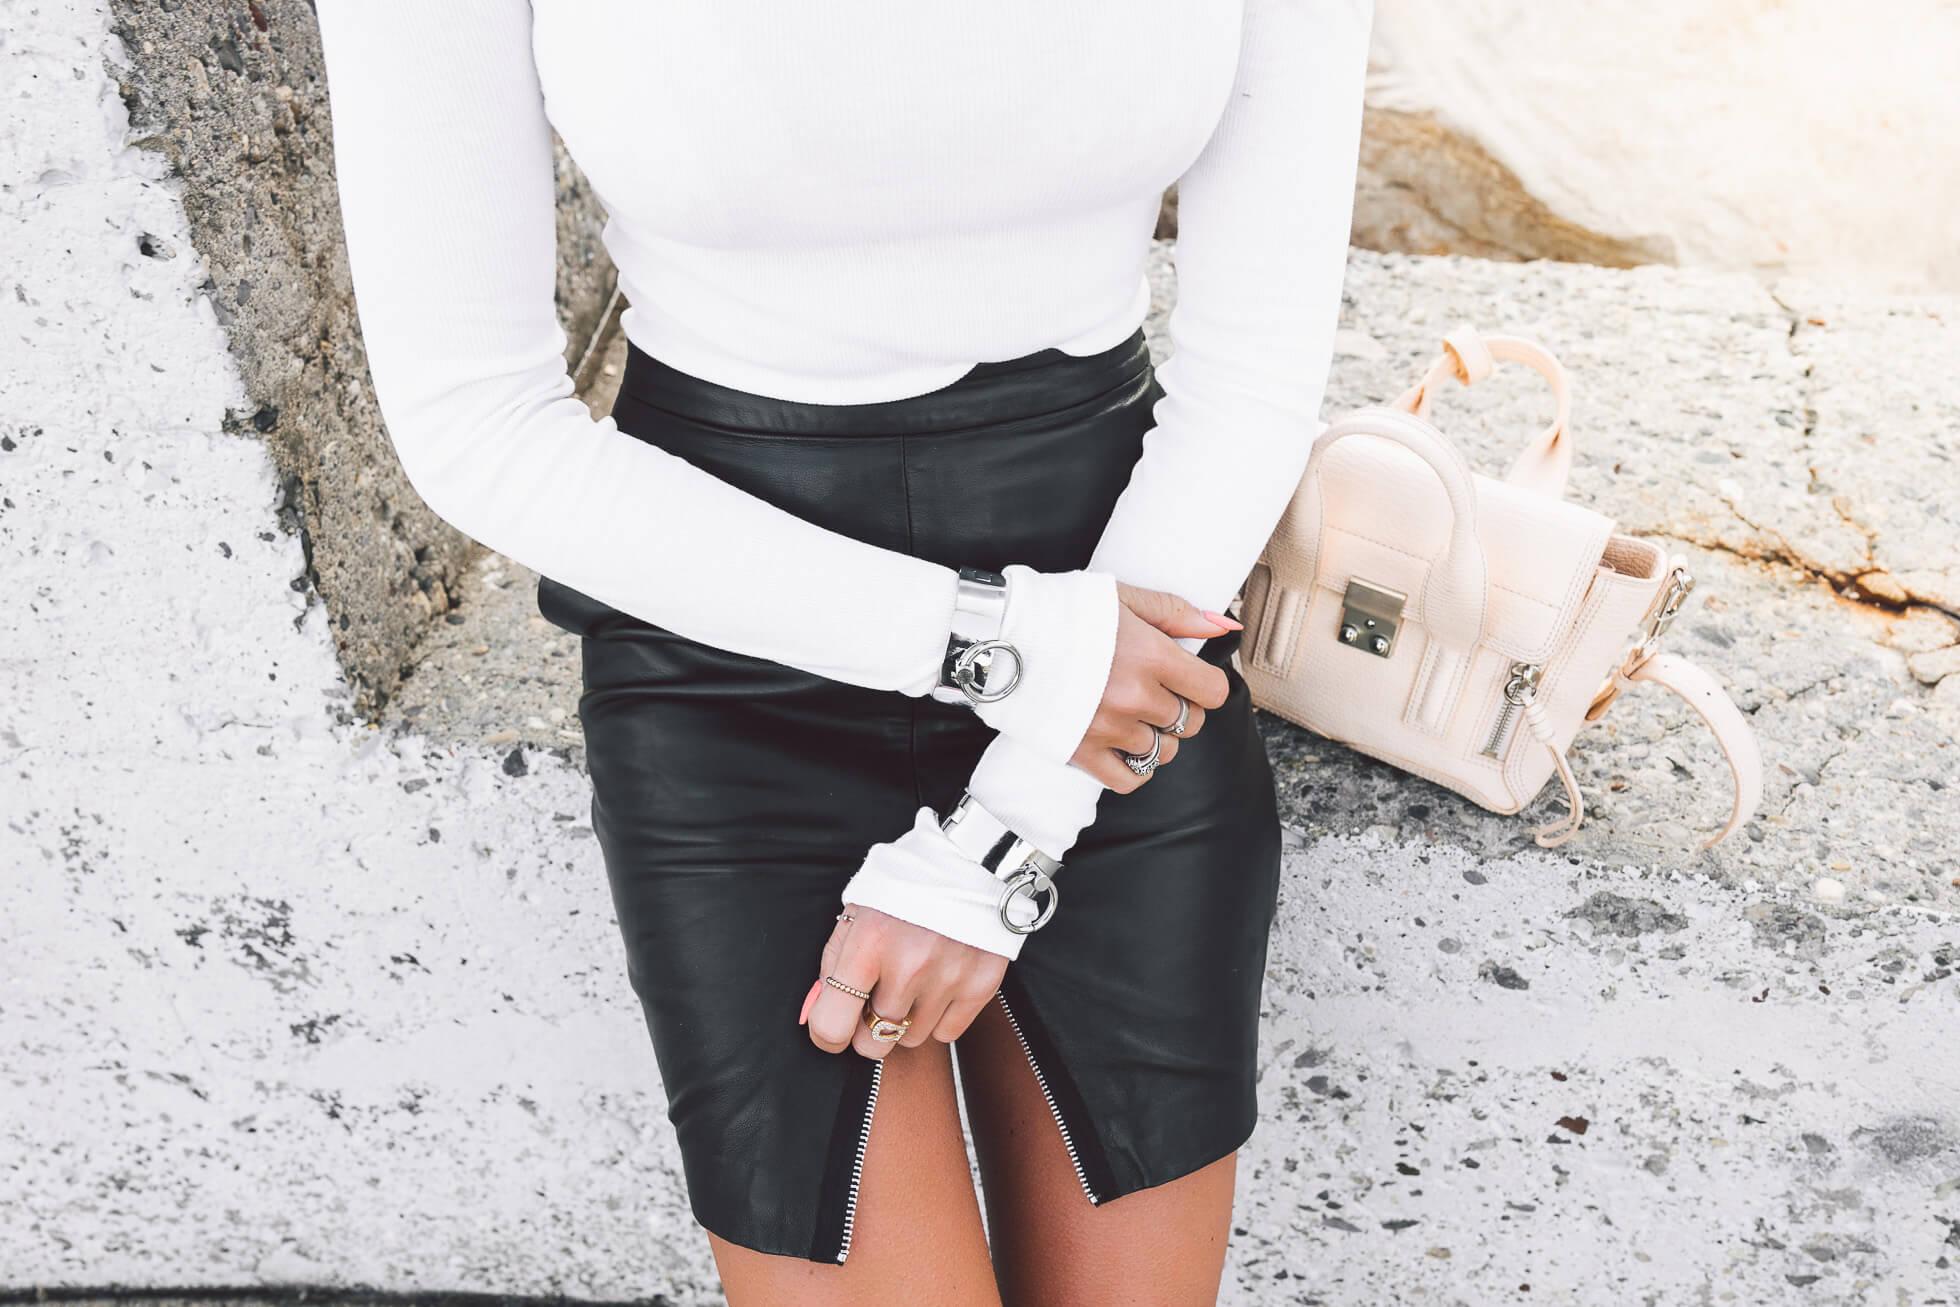 janni-deler-leather-skirt-zipperL1050255